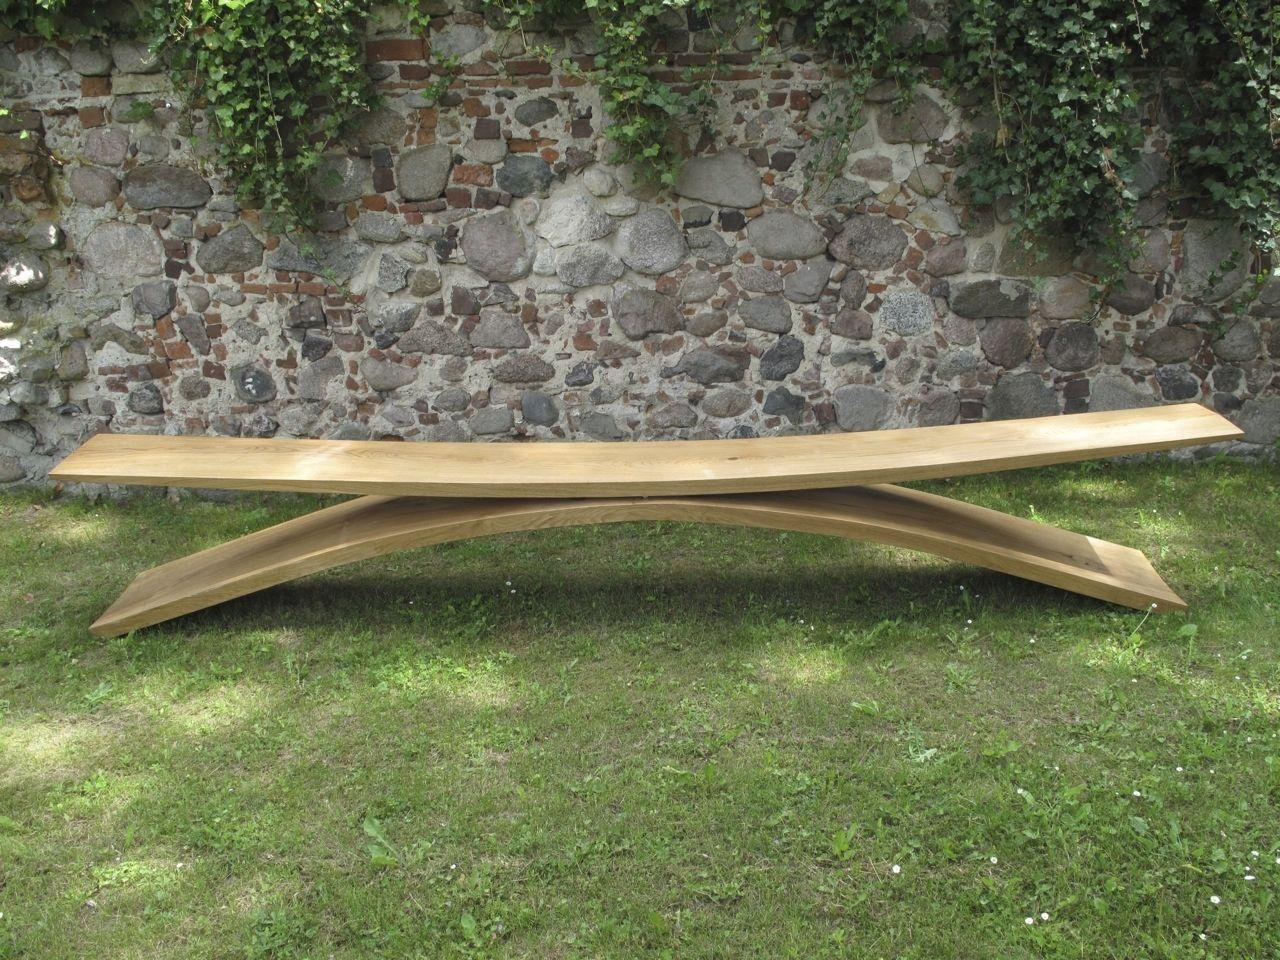 Dix id es pour embellir votre jardin luminaire exterieurluminaire exterieur - Amazon banc de jardin ...